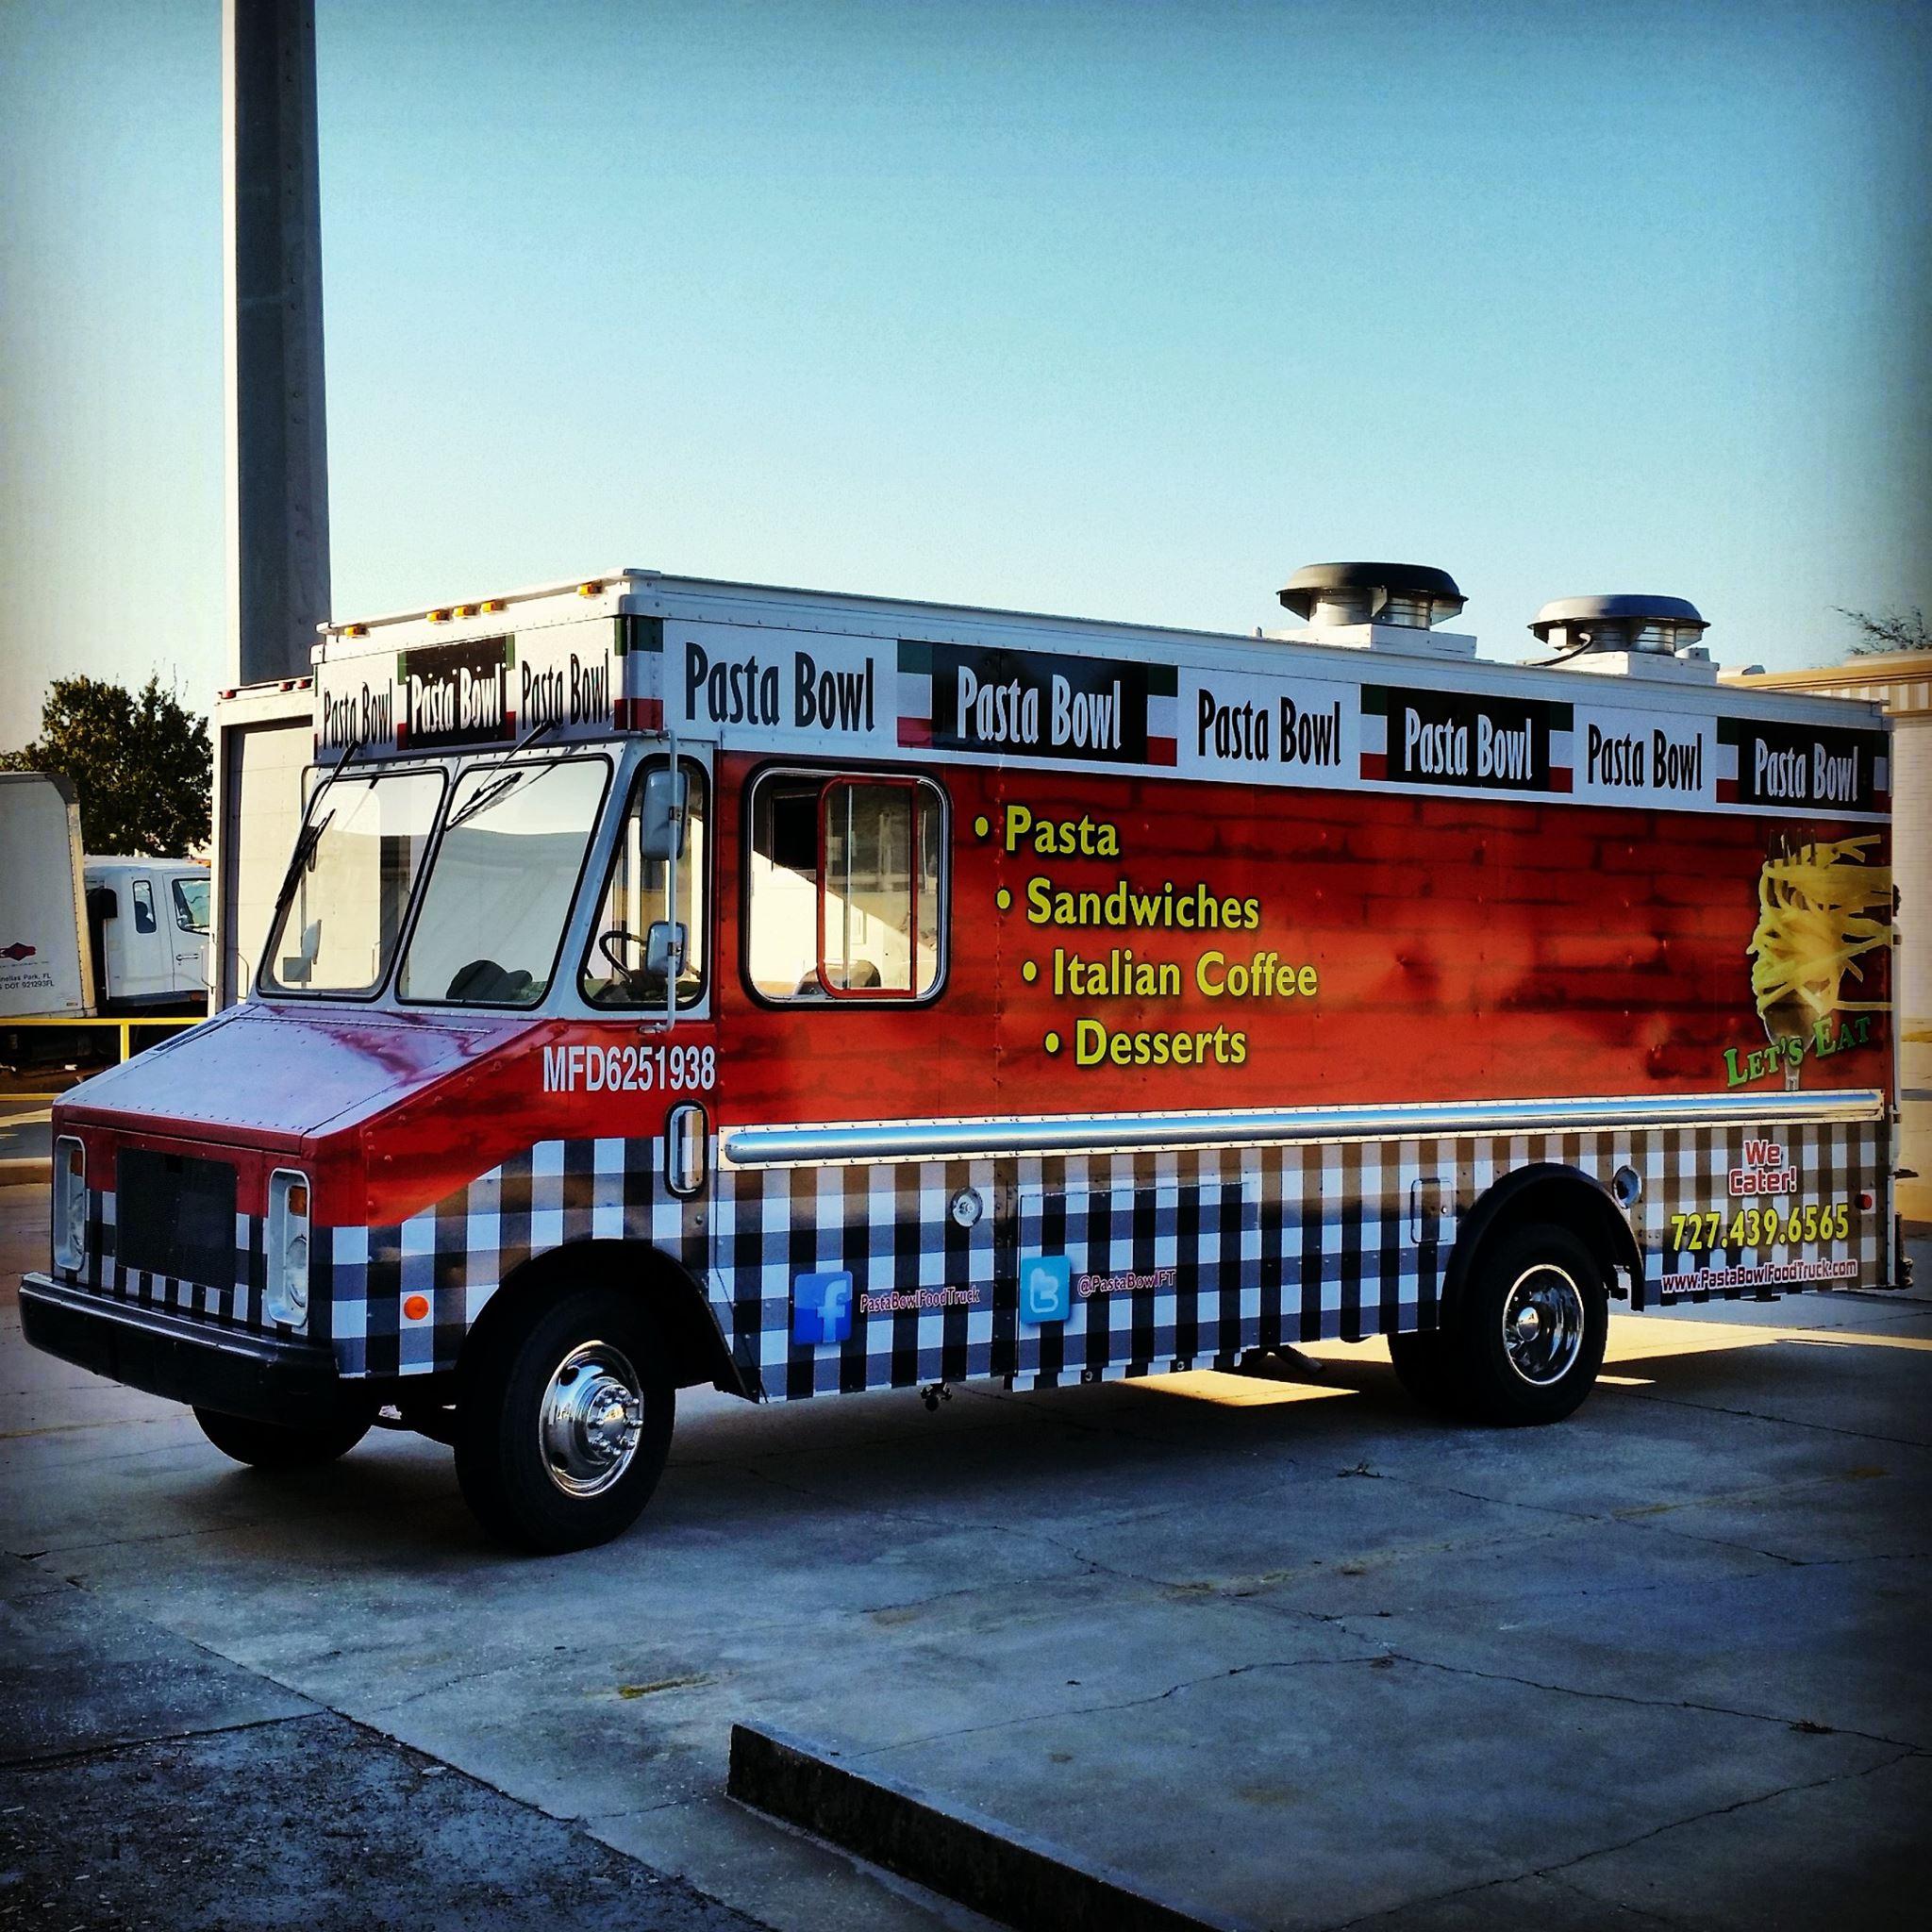 Pasta Bowl Food Truck Food Truck